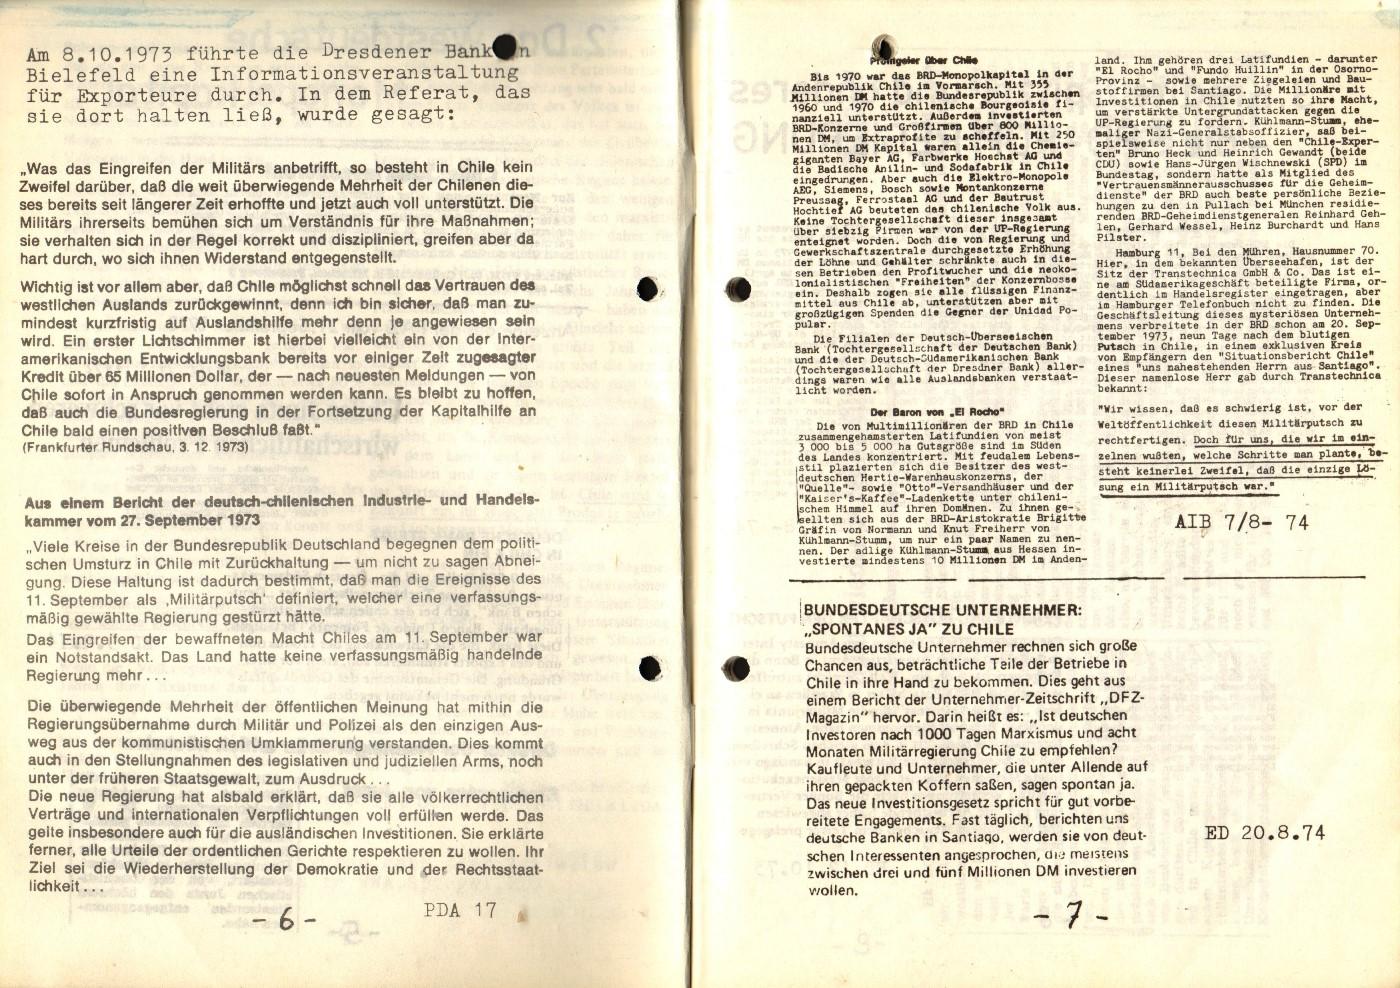 Duisburg_ML_1974_Die_Feinde_des_chilenischen_Volkes_04